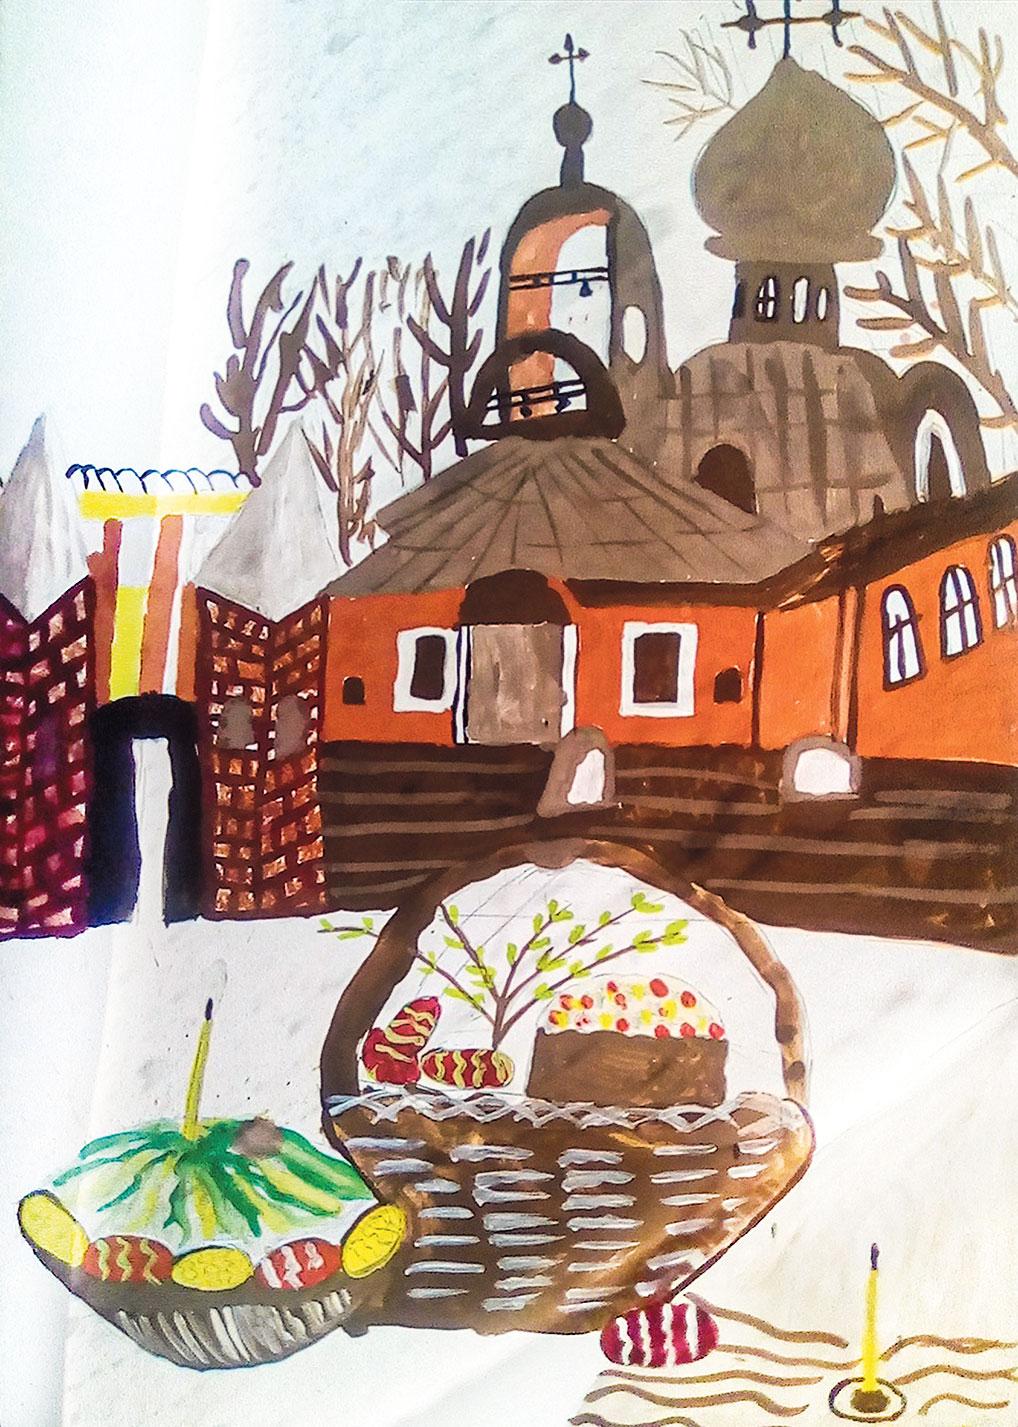 Андрей Цыганов - очень увлеченная и самодостаточная натура. Его работу характеризуют непосредственность восприятия и смелое ком-позиционное решение. Деревья будто заглянули на освящение пасхального угощения и замерли в ожидании чуда...